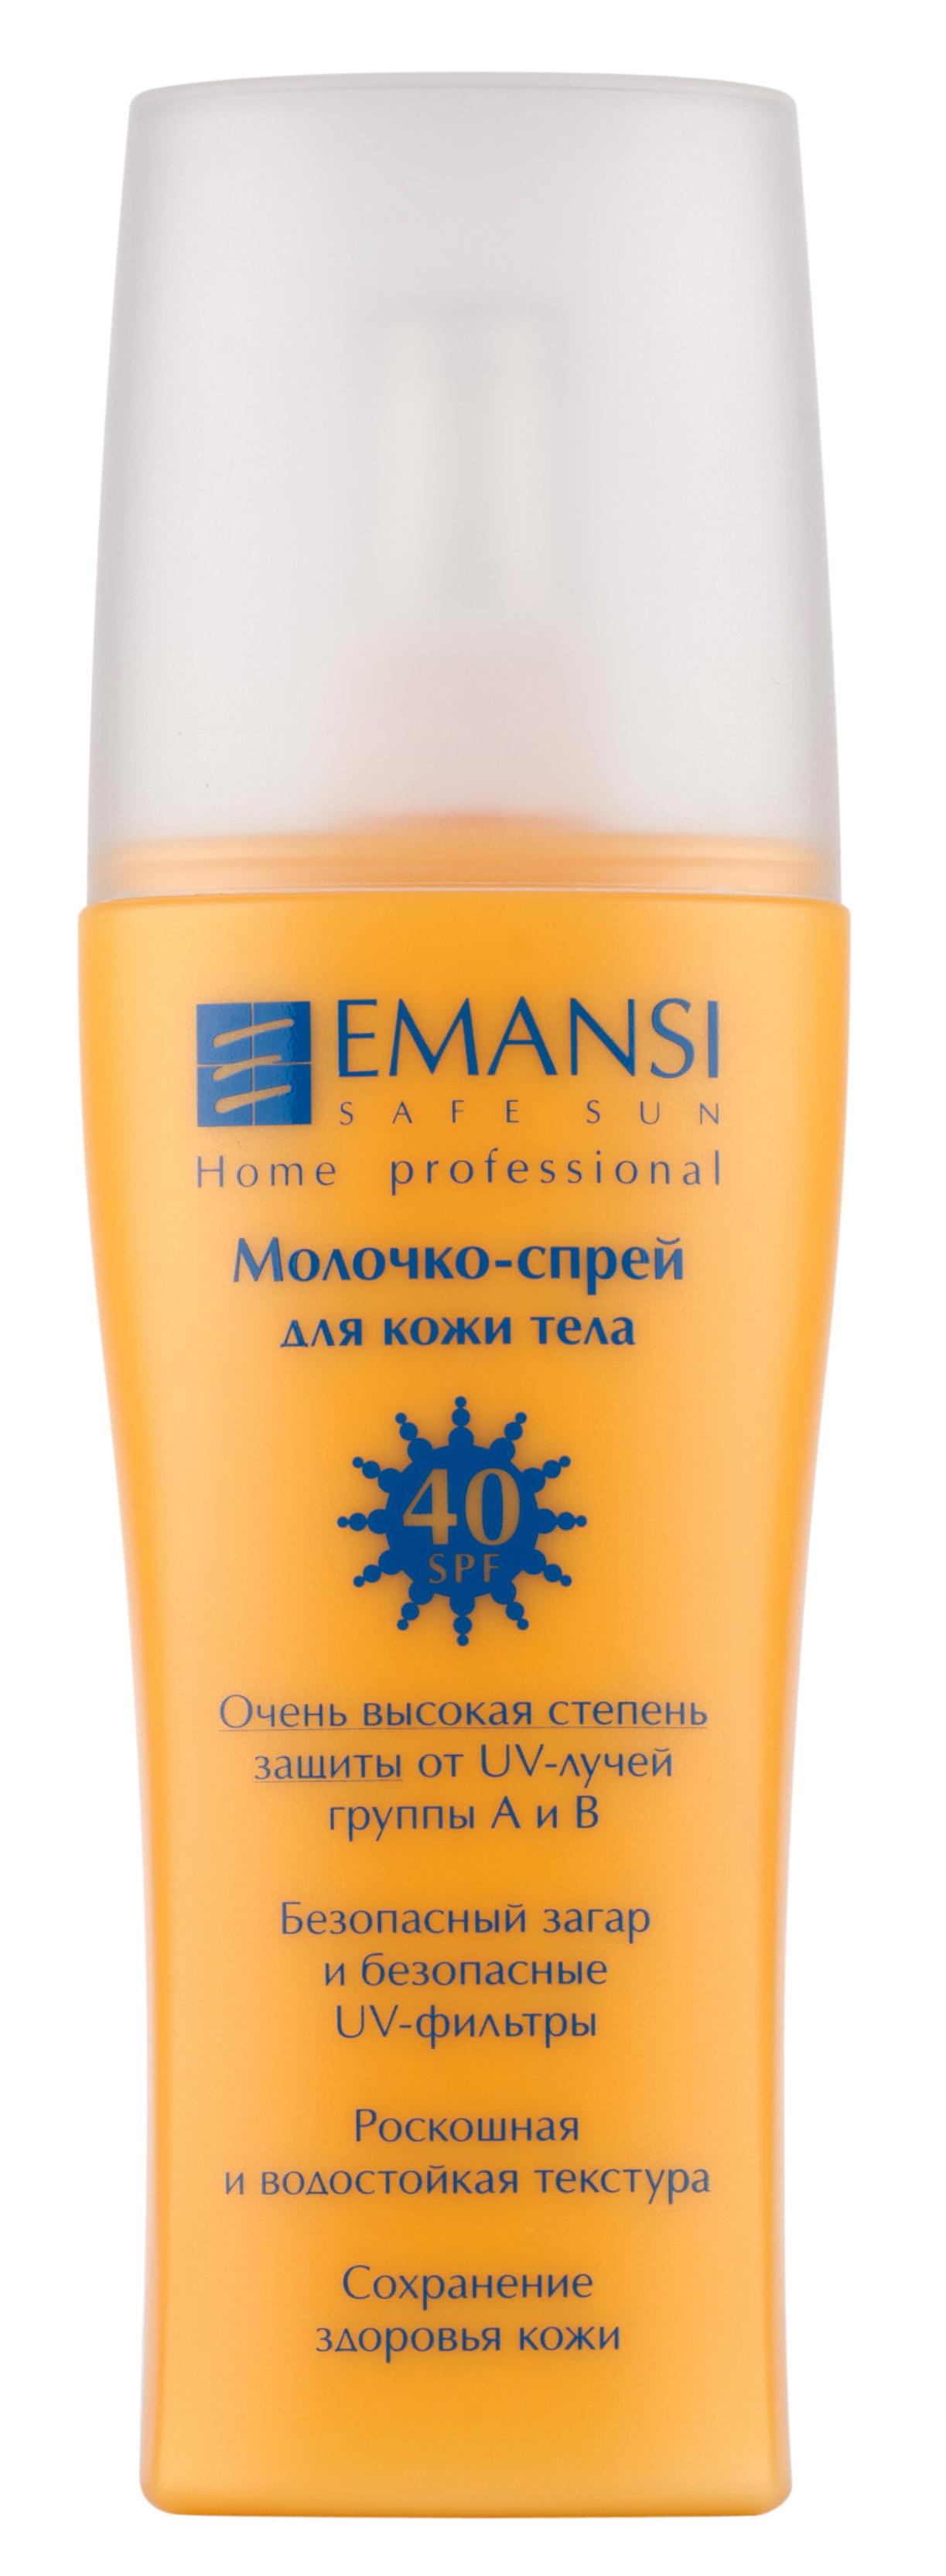 Emansi Молочко-спрей для кожи тела Safe sun SPF 40, 150 мл3304- Высокая степень защиты от UV-лучей группы А и В - Безопасный загар и безопасные UV-фильтры - Роскошная и водостойкая текстура- Сохранение здоровья кожи- Защищает от UV-лучей группы А и В благодаря включению безопасных UV-фильтров- Устойчиво к действию воды и пота- Подходит для любой, в том числе и чувствительной кожи